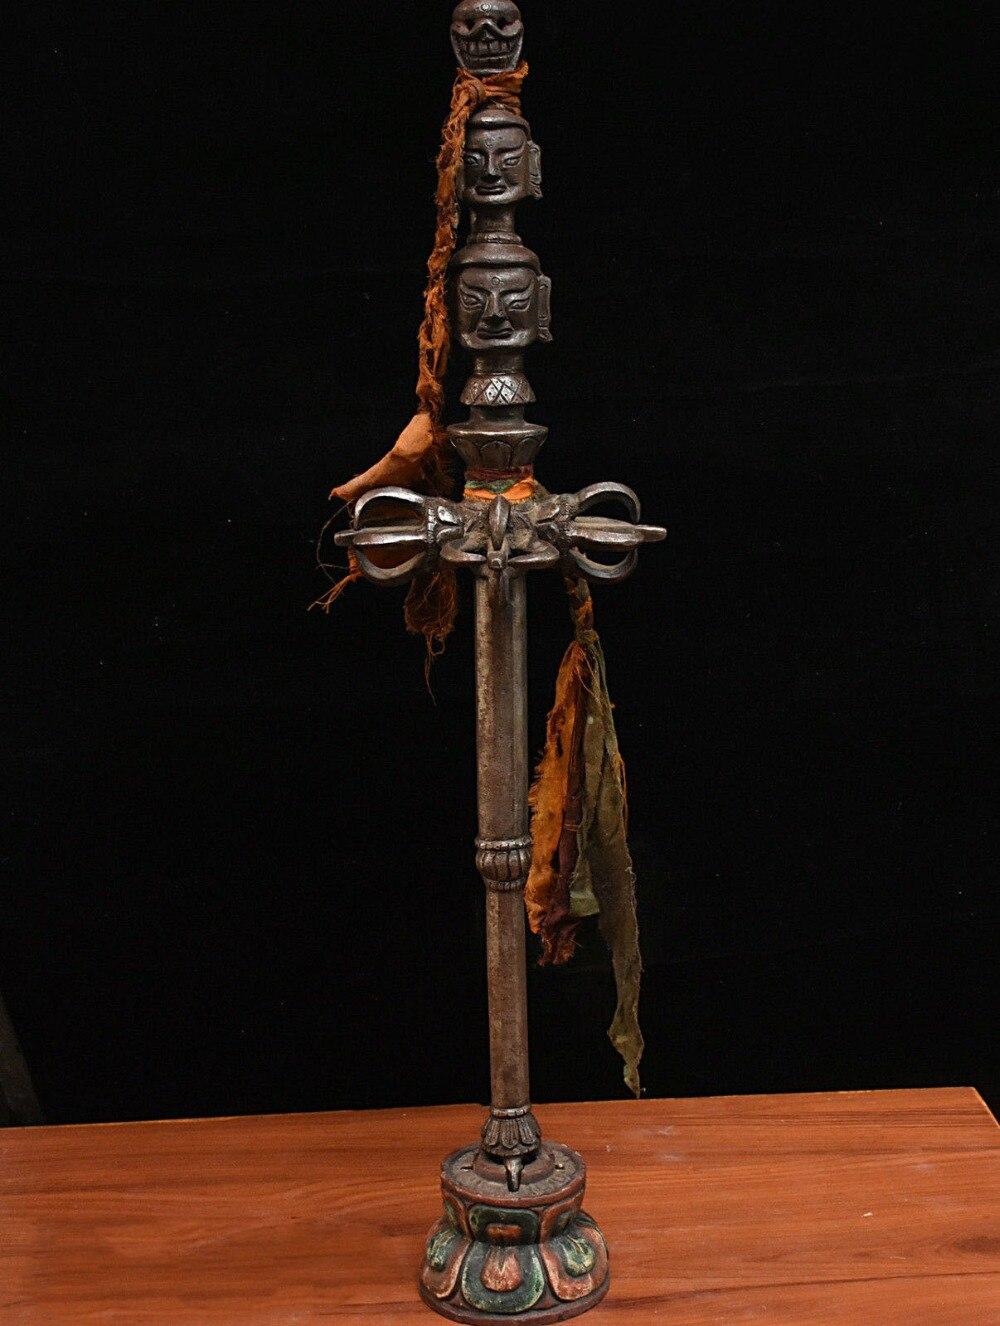 عيد الميلاد القديمة التبت التبت الحديد نيزك بوذا الجمجمة بوذا رئيس فوربا خنجر حامل هالوين